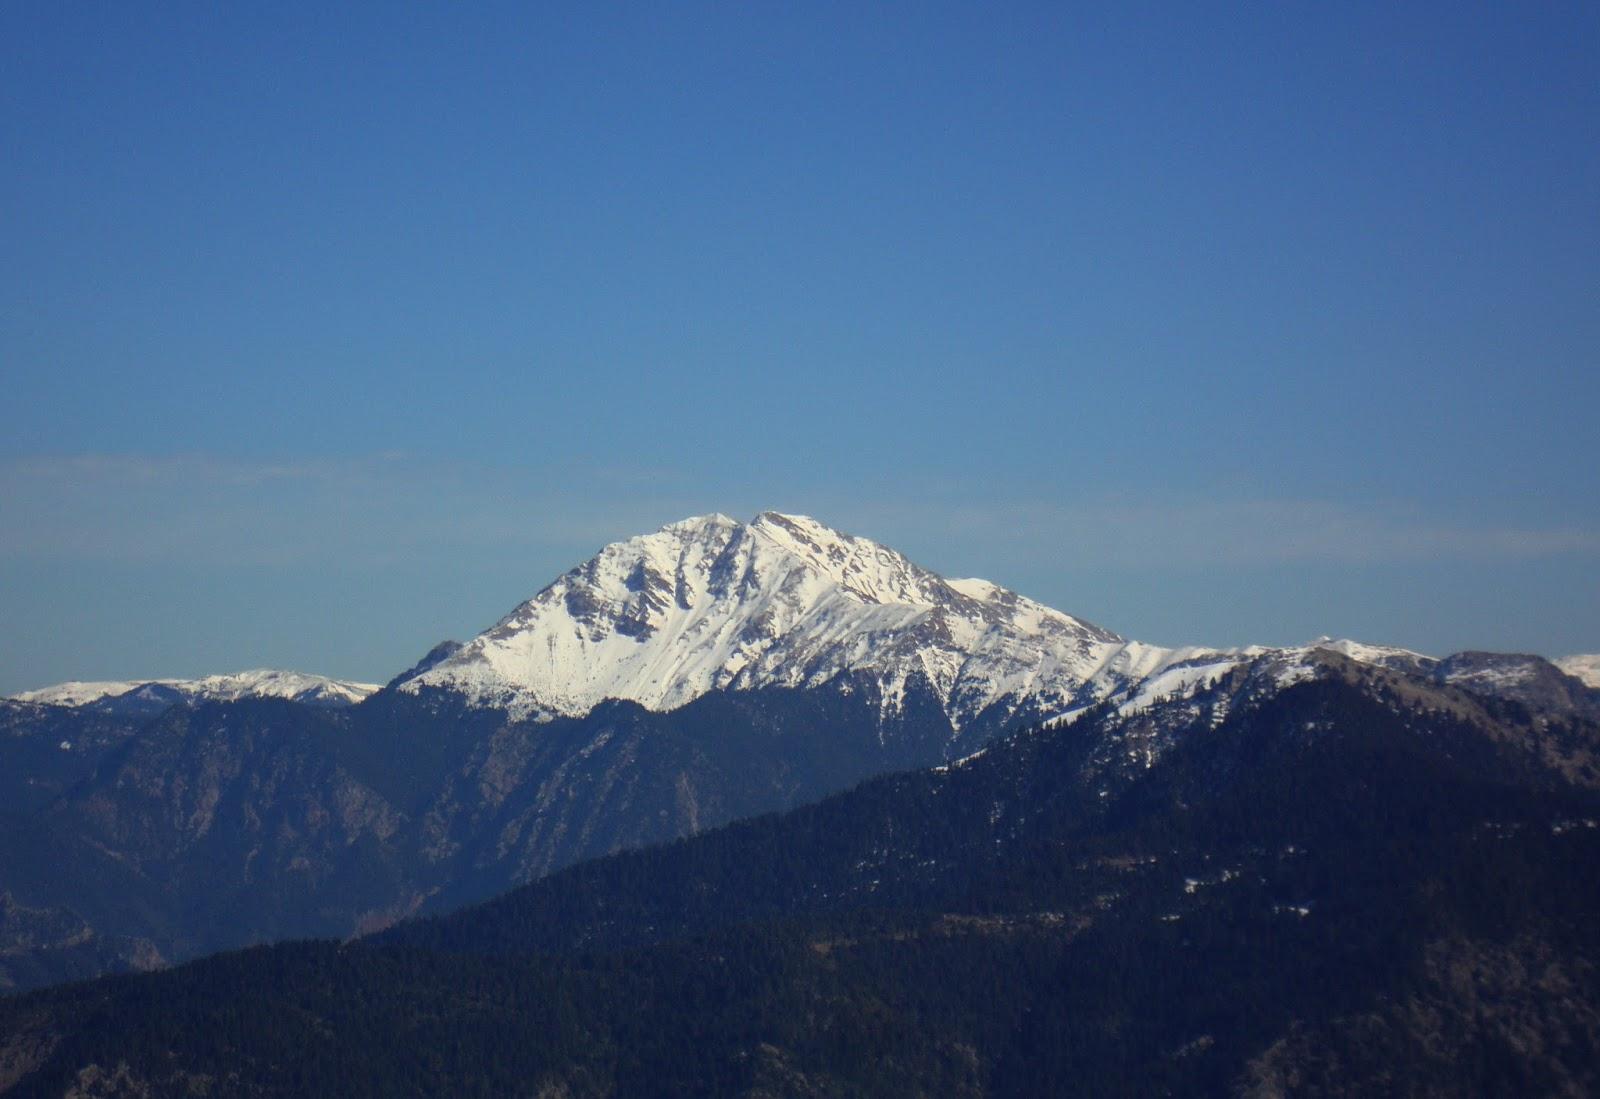 καλιακούδα βουνό ευρυτανίας